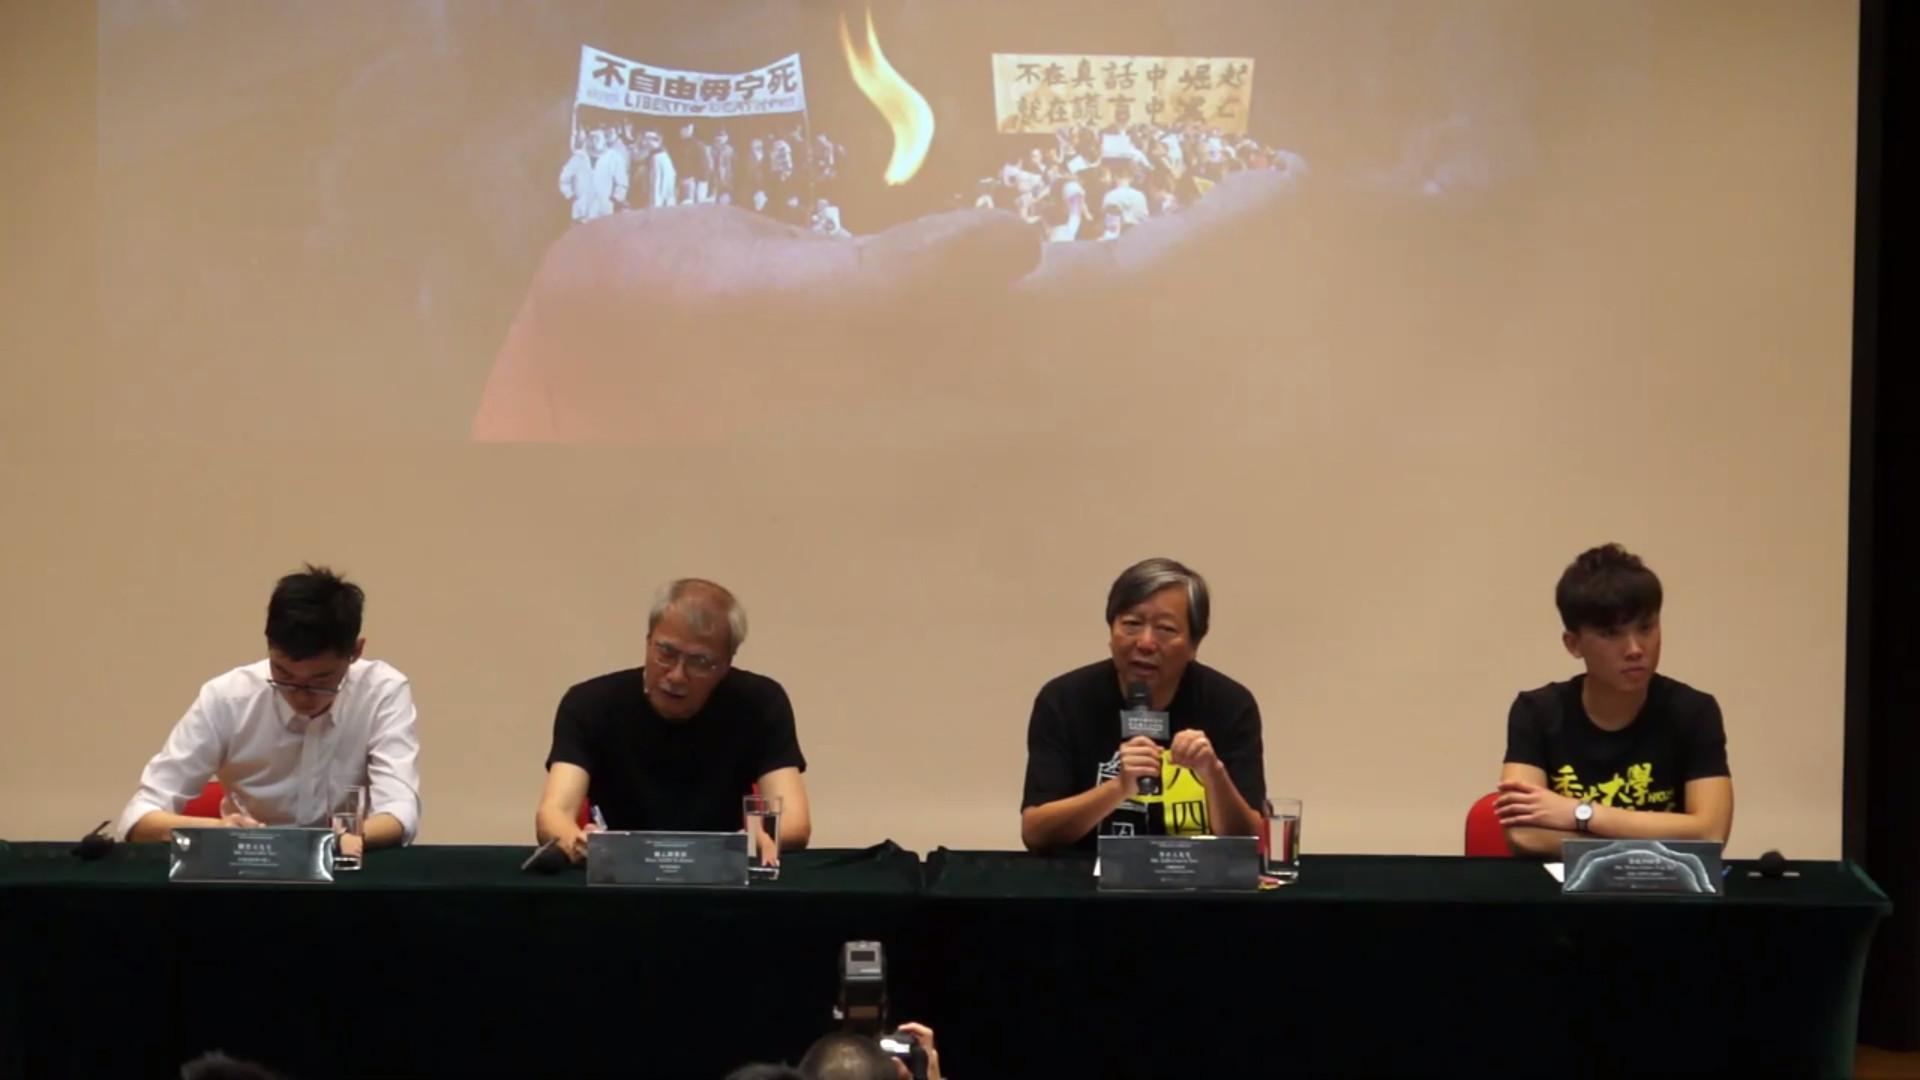 港大學生會則在校園講堂舉辦六四事件28年論壇,大約有300人出席。(港大學生會校園電視影片擷圖)